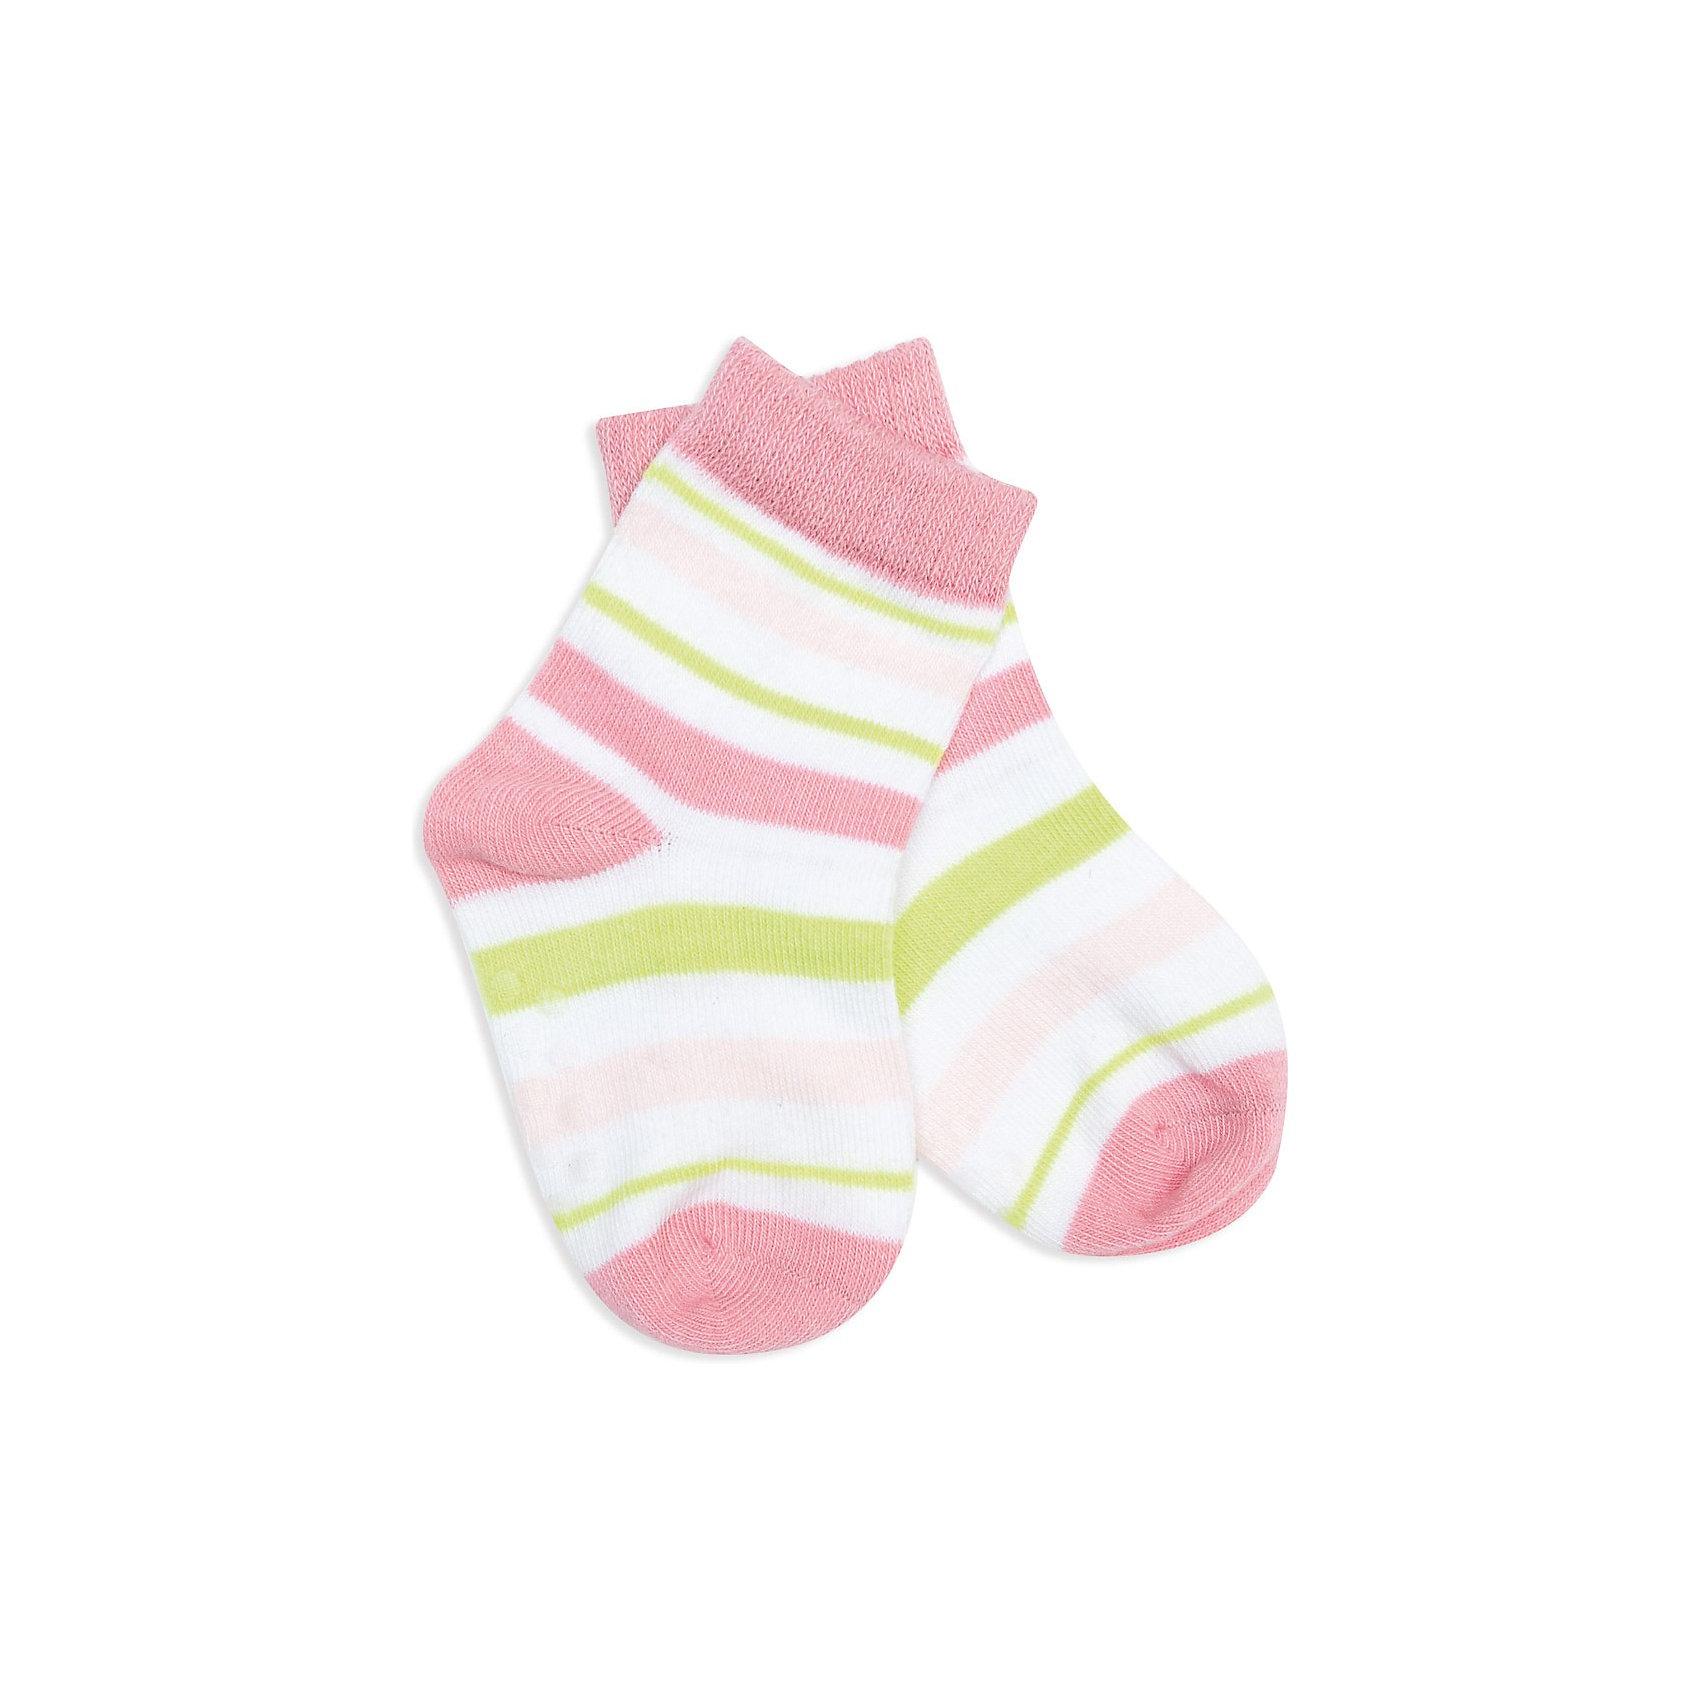 Носки для девочки PlayTodayНоски для девочки от PLayToday.<br>* носки в полоску для малыша возраста от 3 месяцев<br>* трикотажные носочки с противоскользящими вставками на подошве идеальны для малыша, который начинает делать свои первые шажки<br><br>Состав:<br>75% хлопок, 20% нейлон, 5% эластан<br><br>Носки для девочки PlayToday (Плэйтудей) можно купить в нашем магазине.<br><br>Ширина мм: 87<br>Глубина мм: 10<br>Высота мм: 105<br>Вес г: 115<br>Цвет: разноцветный<br>Возраст от месяцев: 12<br>Возраст до месяцев: 18<br>Пол: Женский<br>Возраст: Детский<br>Размер: 86/92,98/104,74,74/80,122/128,110/116<br>SKU: 3514188